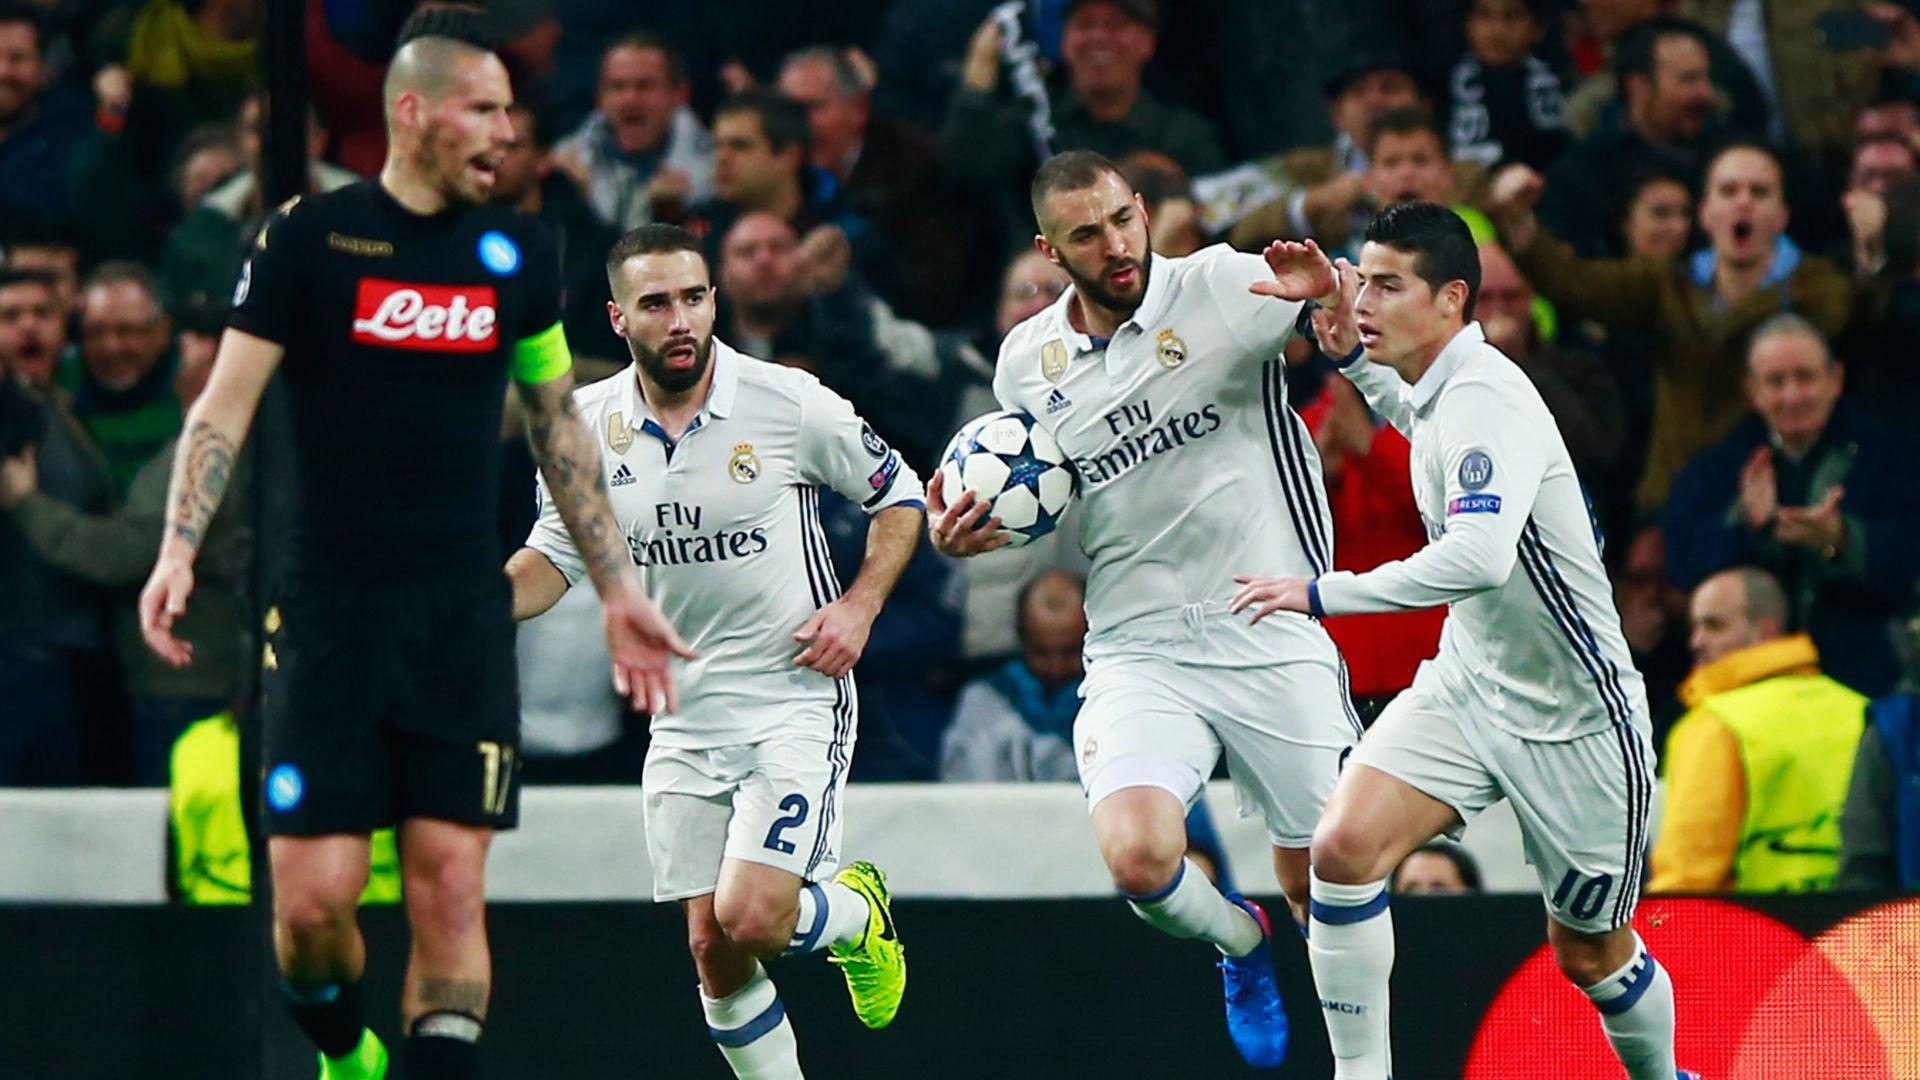 Real Madrid celebrating vs Napoli